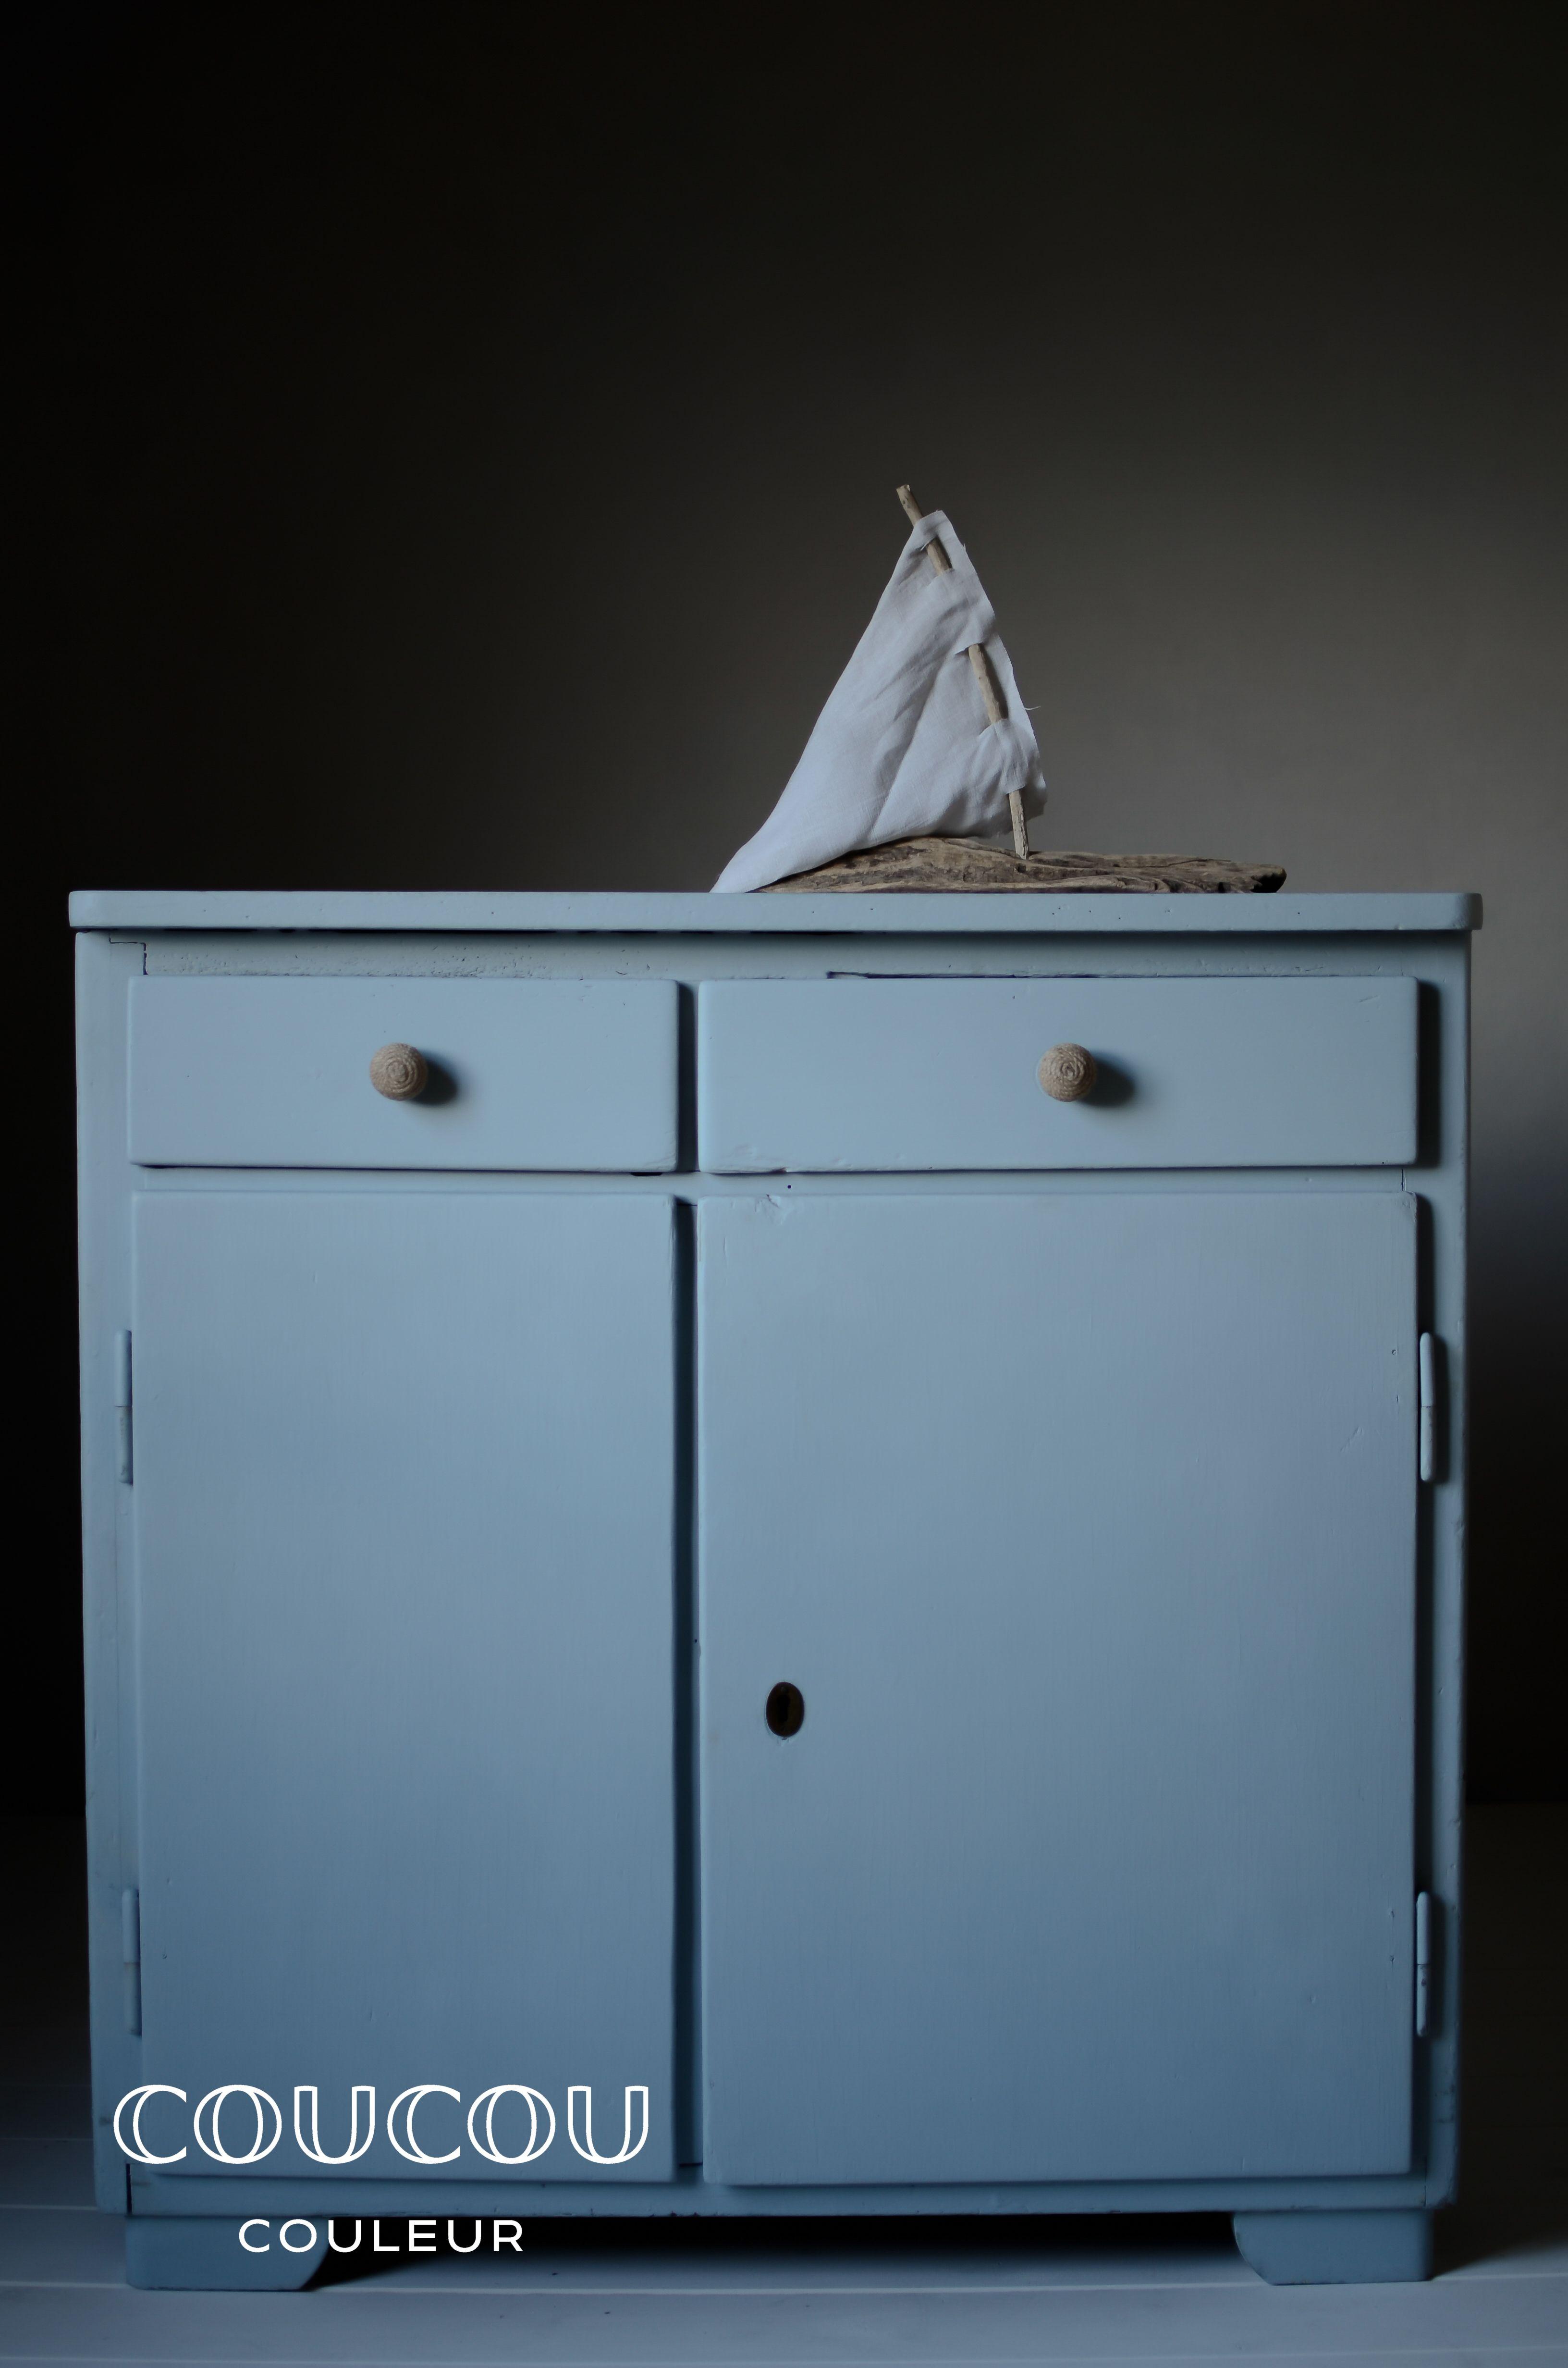 pin von coucou couleur kreidefarbe auf kinderzimmer ideen einrichten kreidefarbe locker storage furniture und decor